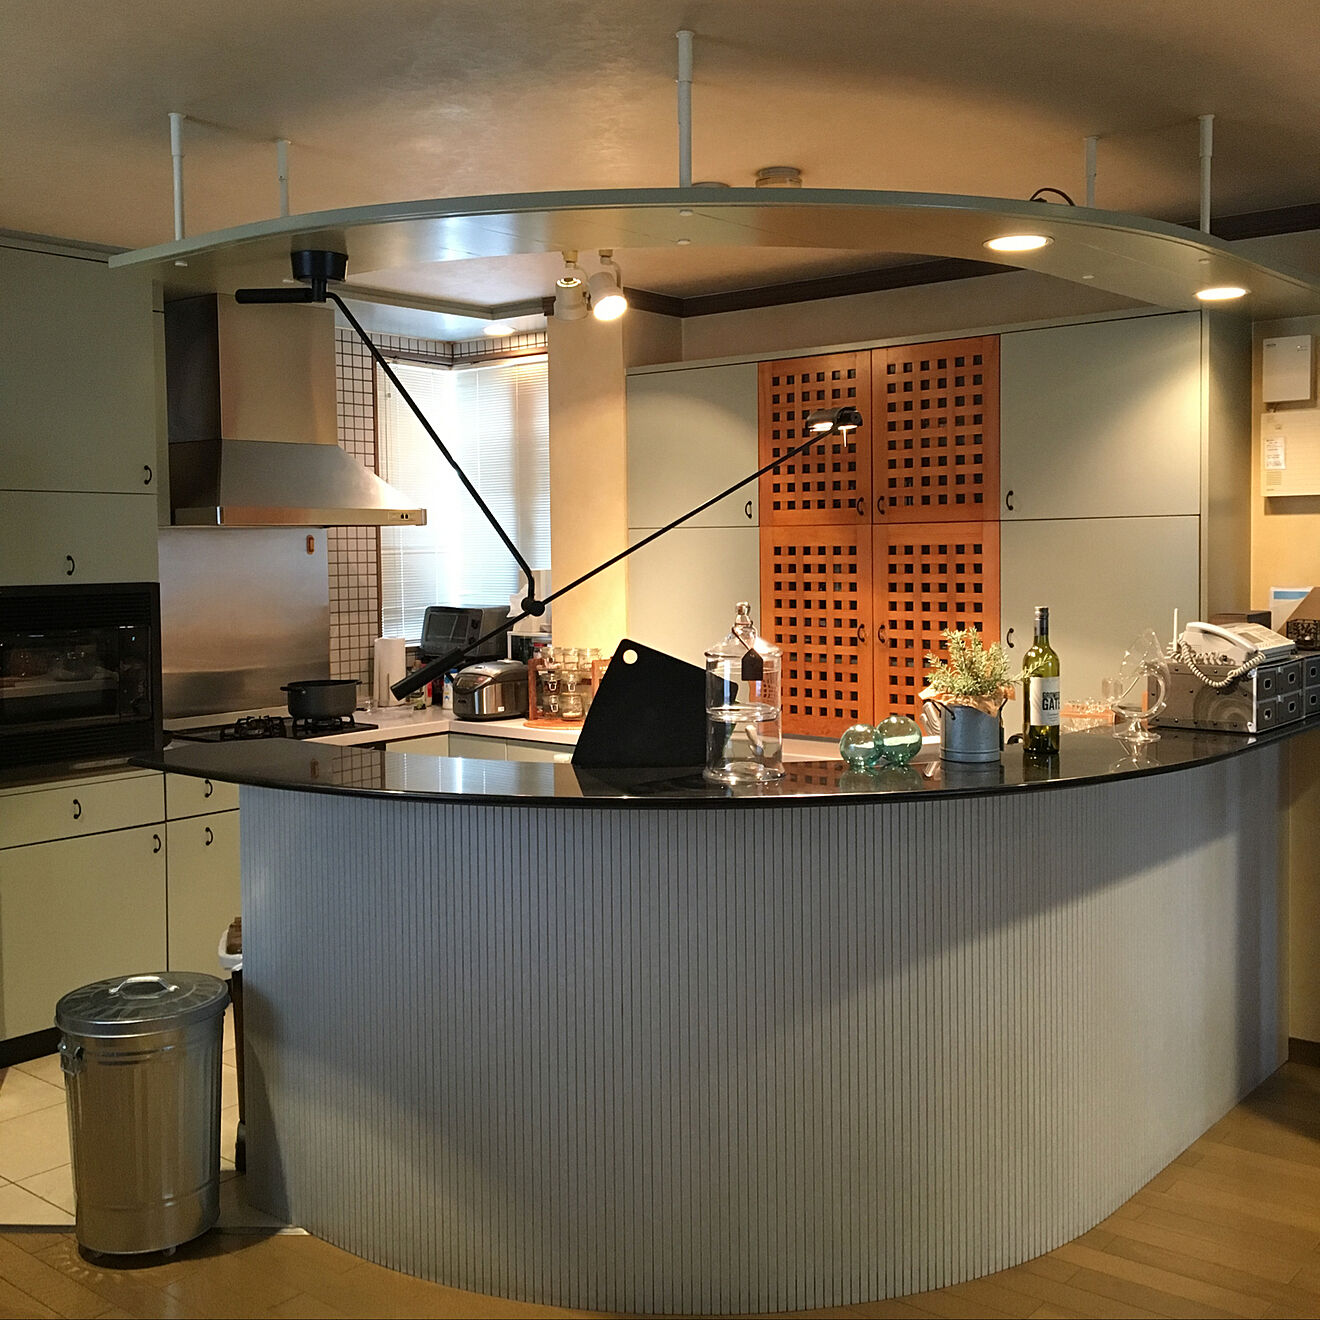 「ディティールまで丁寧にデザインされた、父と娘の思いが調和するキッチン」 by kaikochanさん